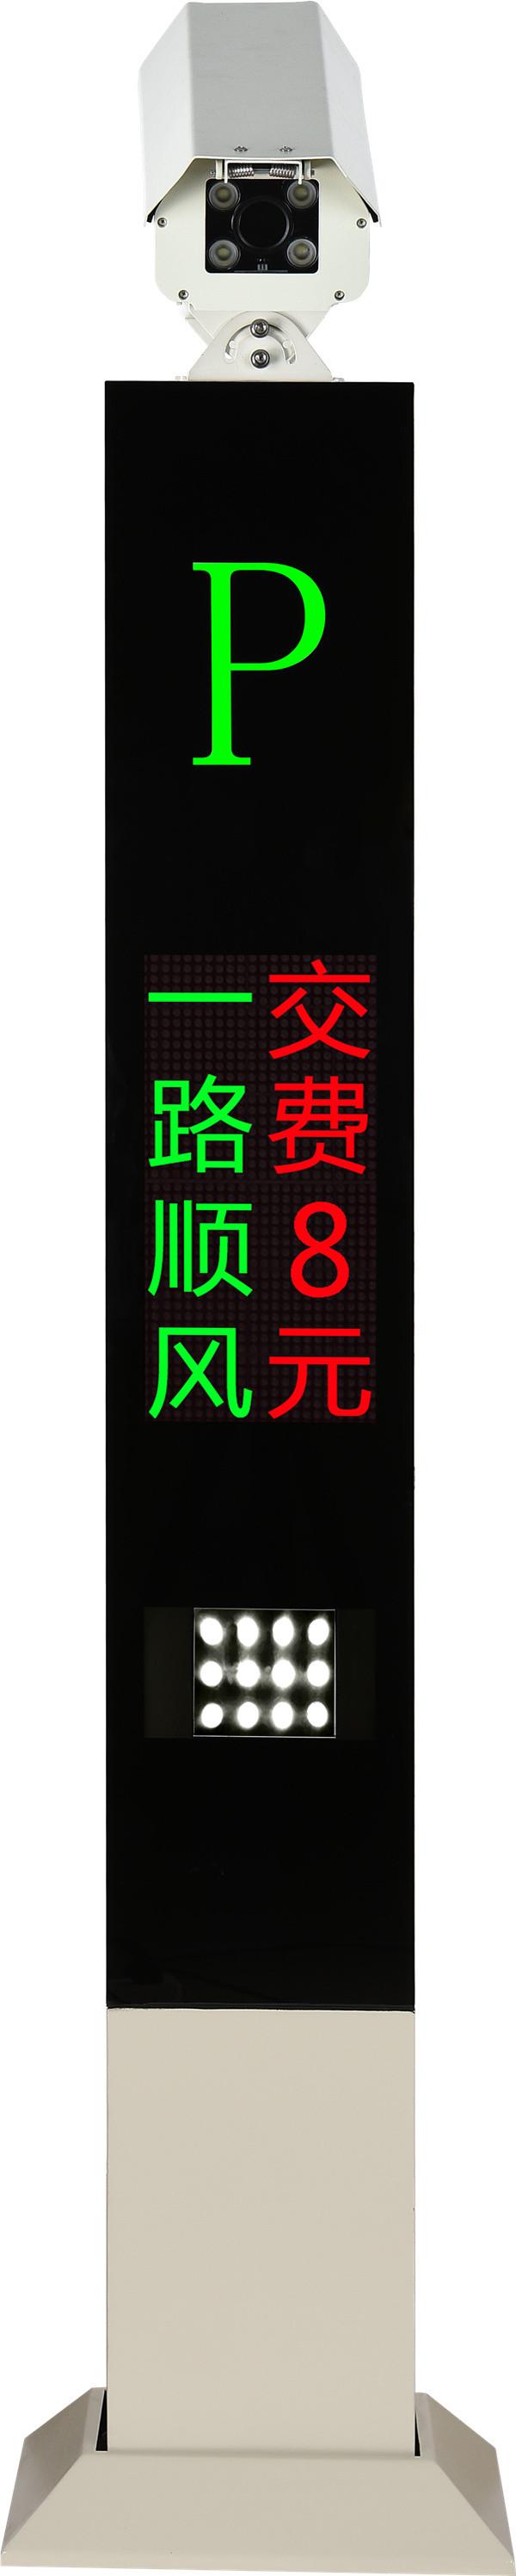 贵州车牌识别一体机